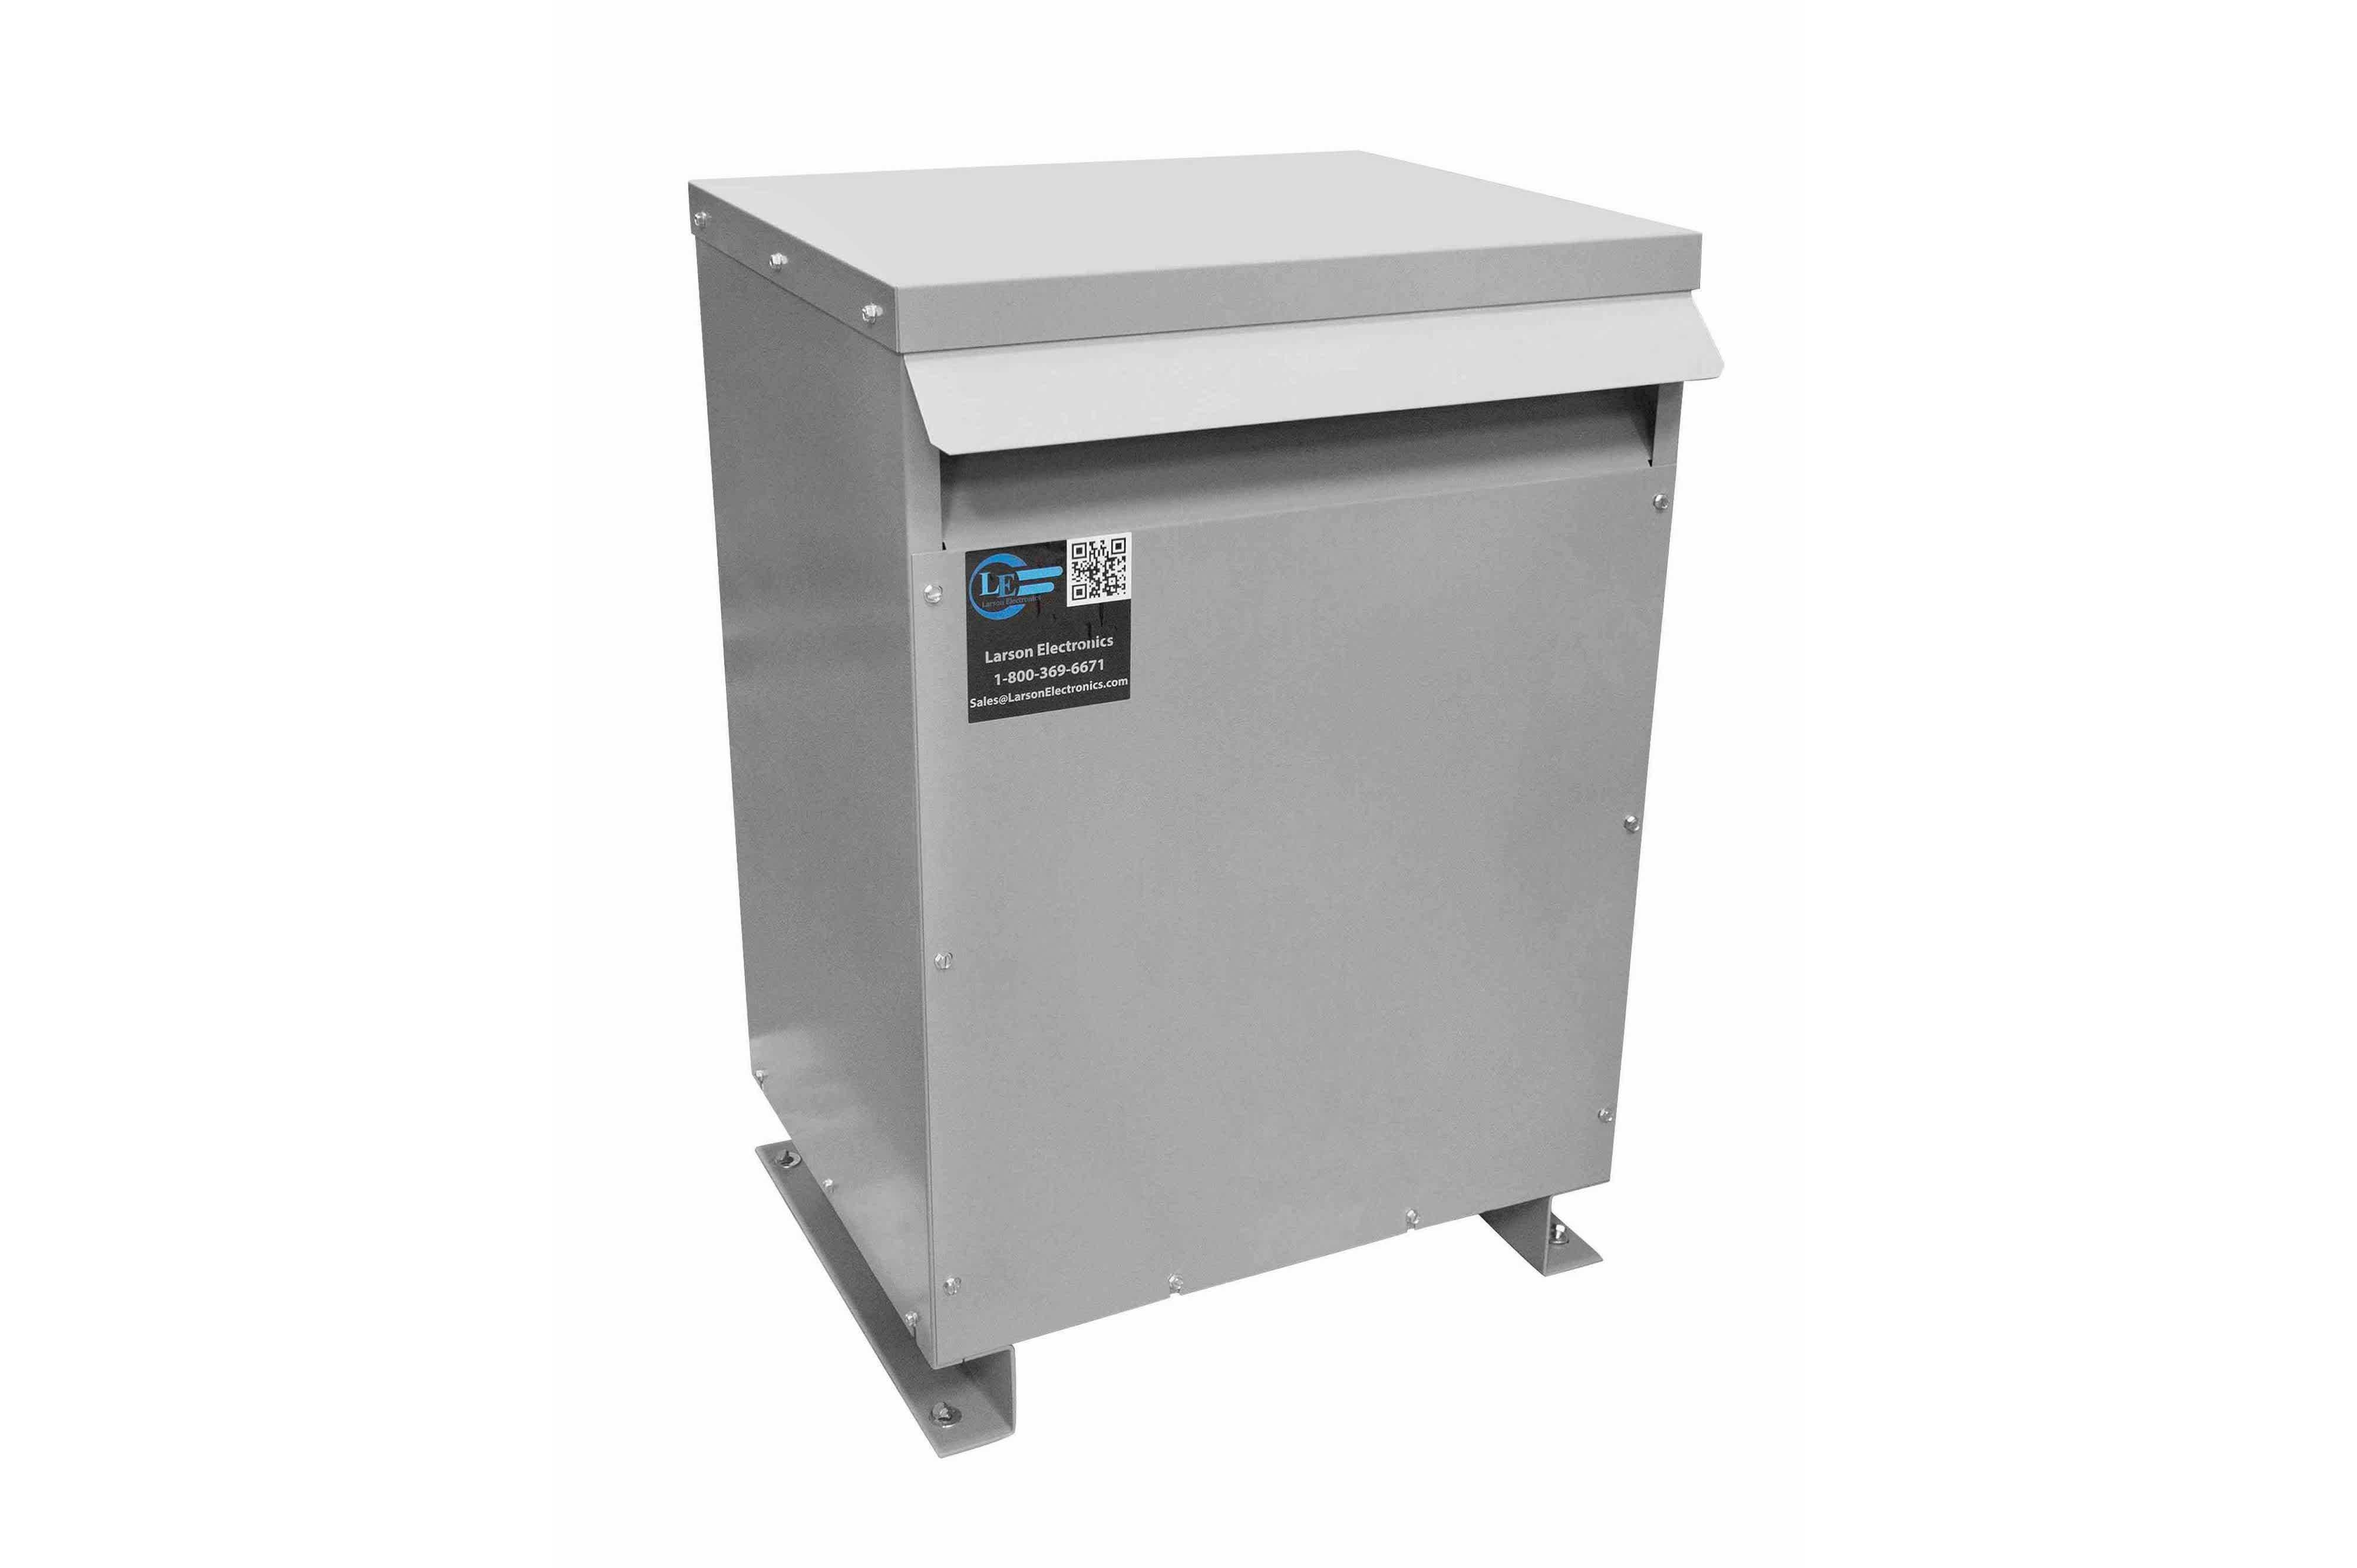 37.5 kVA 3PH DOE Transformer, 380V Delta Primary, 240V/120 Delta Secondary, N3R, Ventilated, 60 Hz